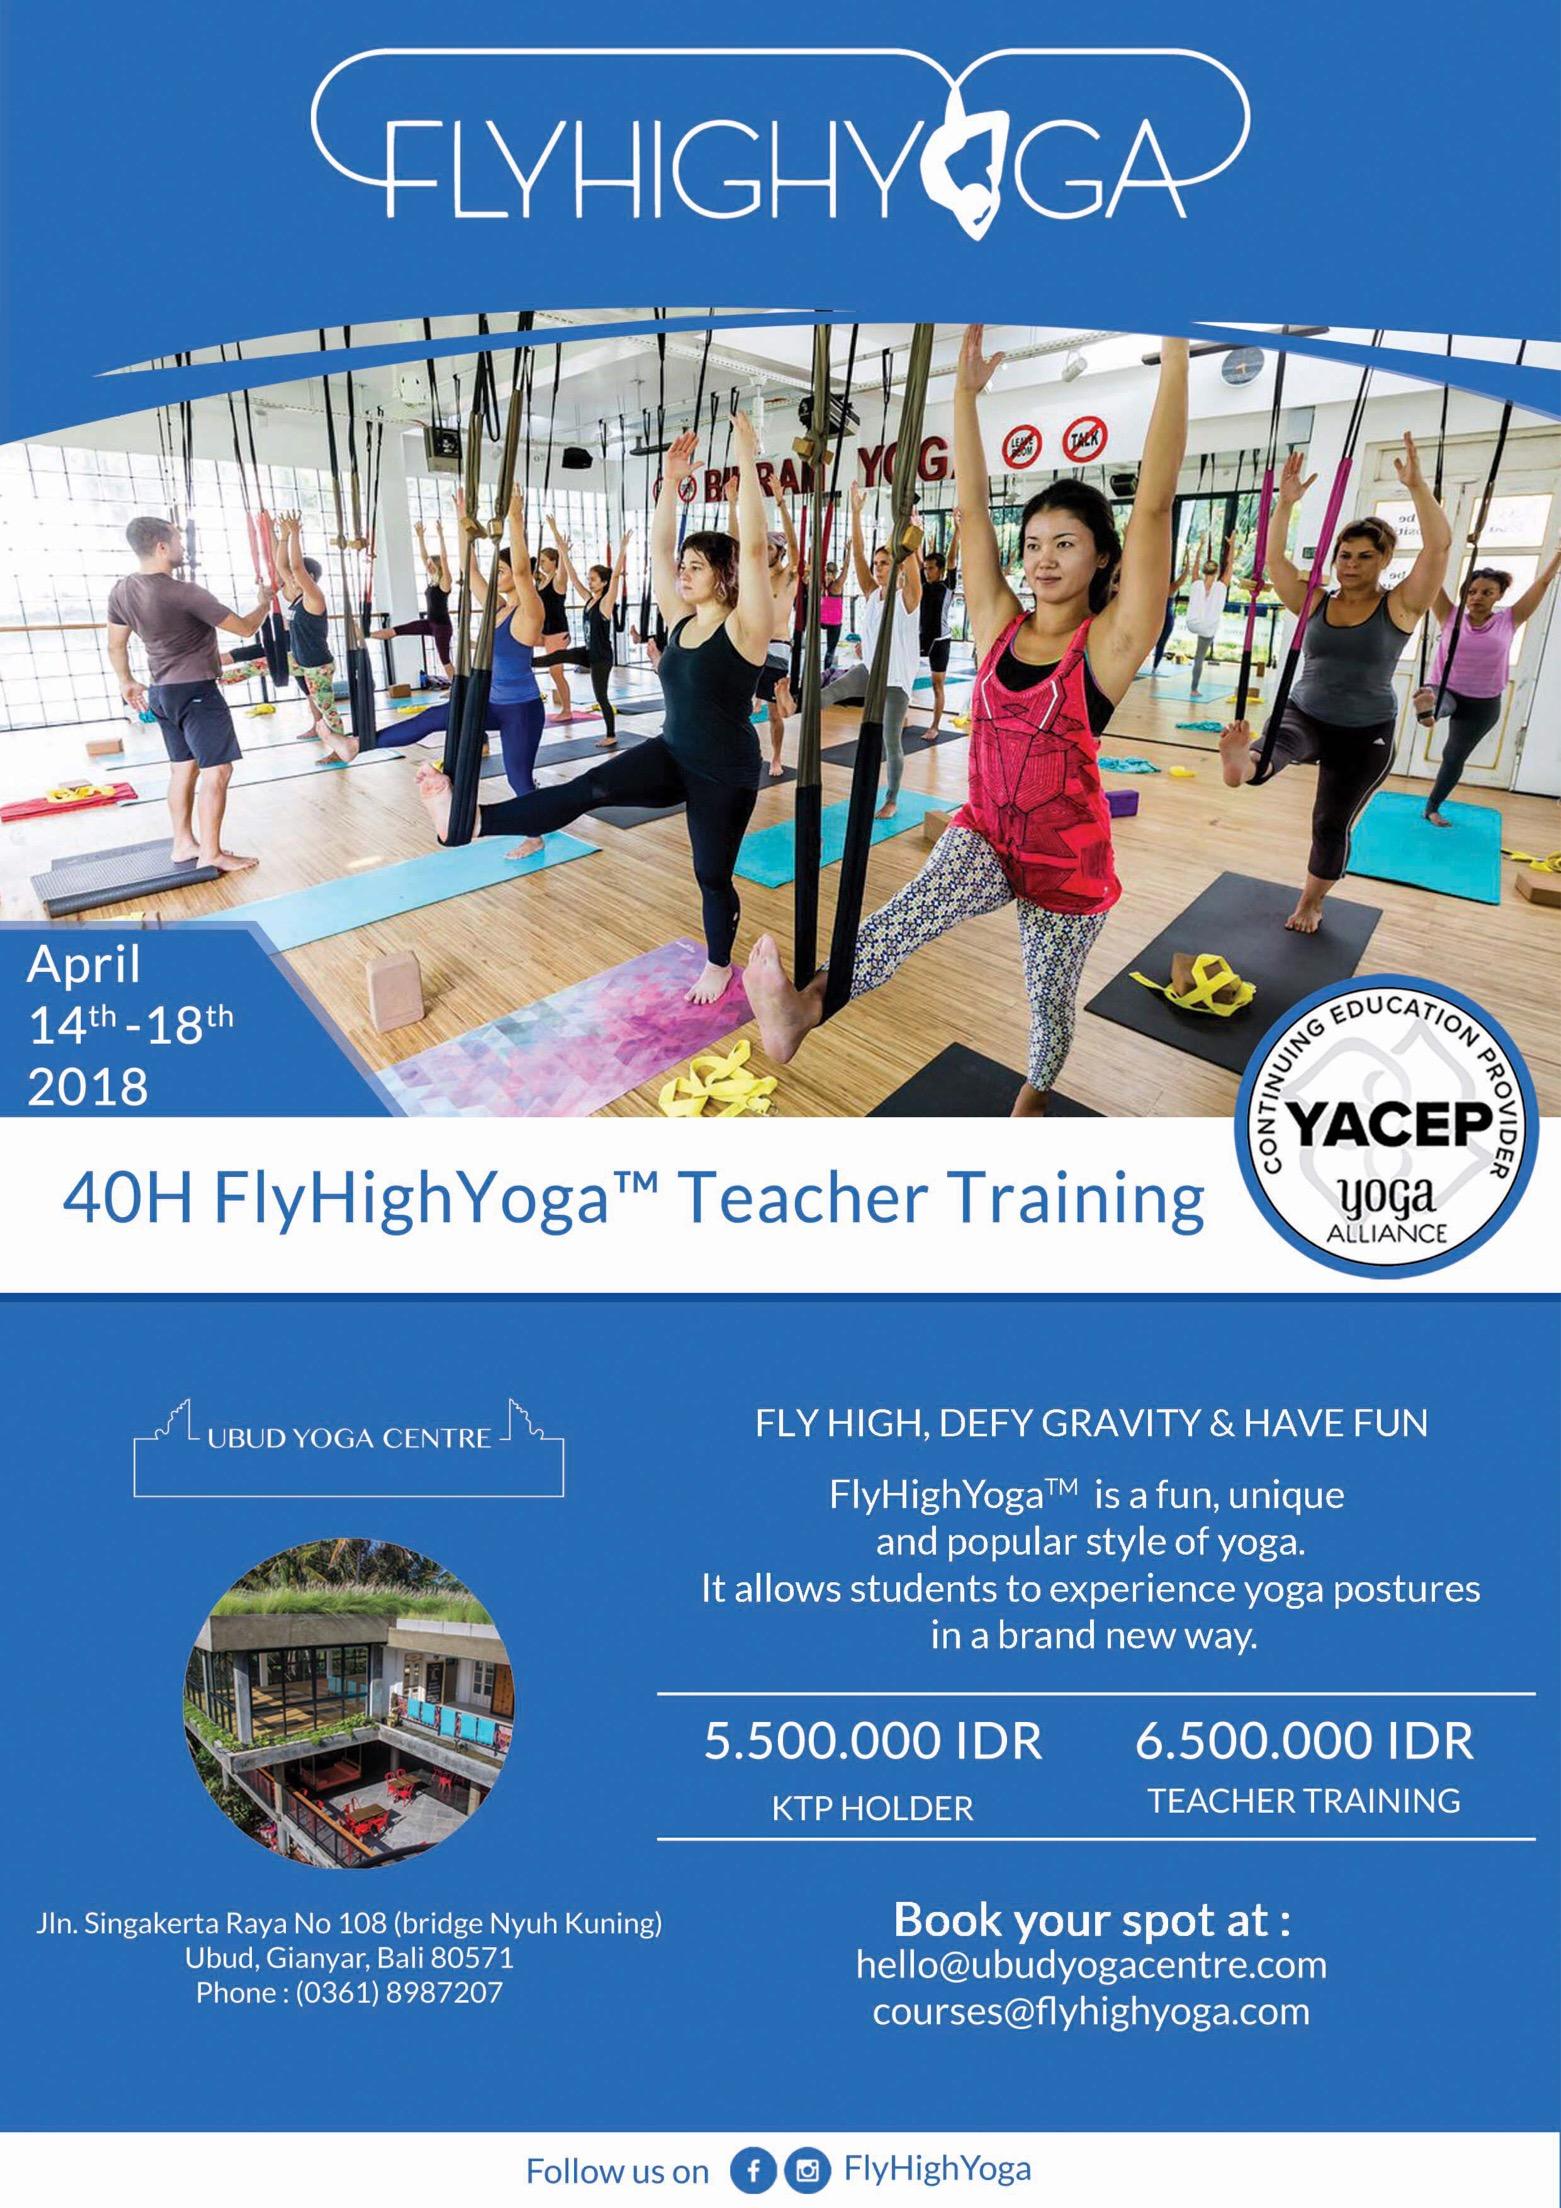 40-Hour Fly High Yoga Teacher Training at Ubud Yoga Center